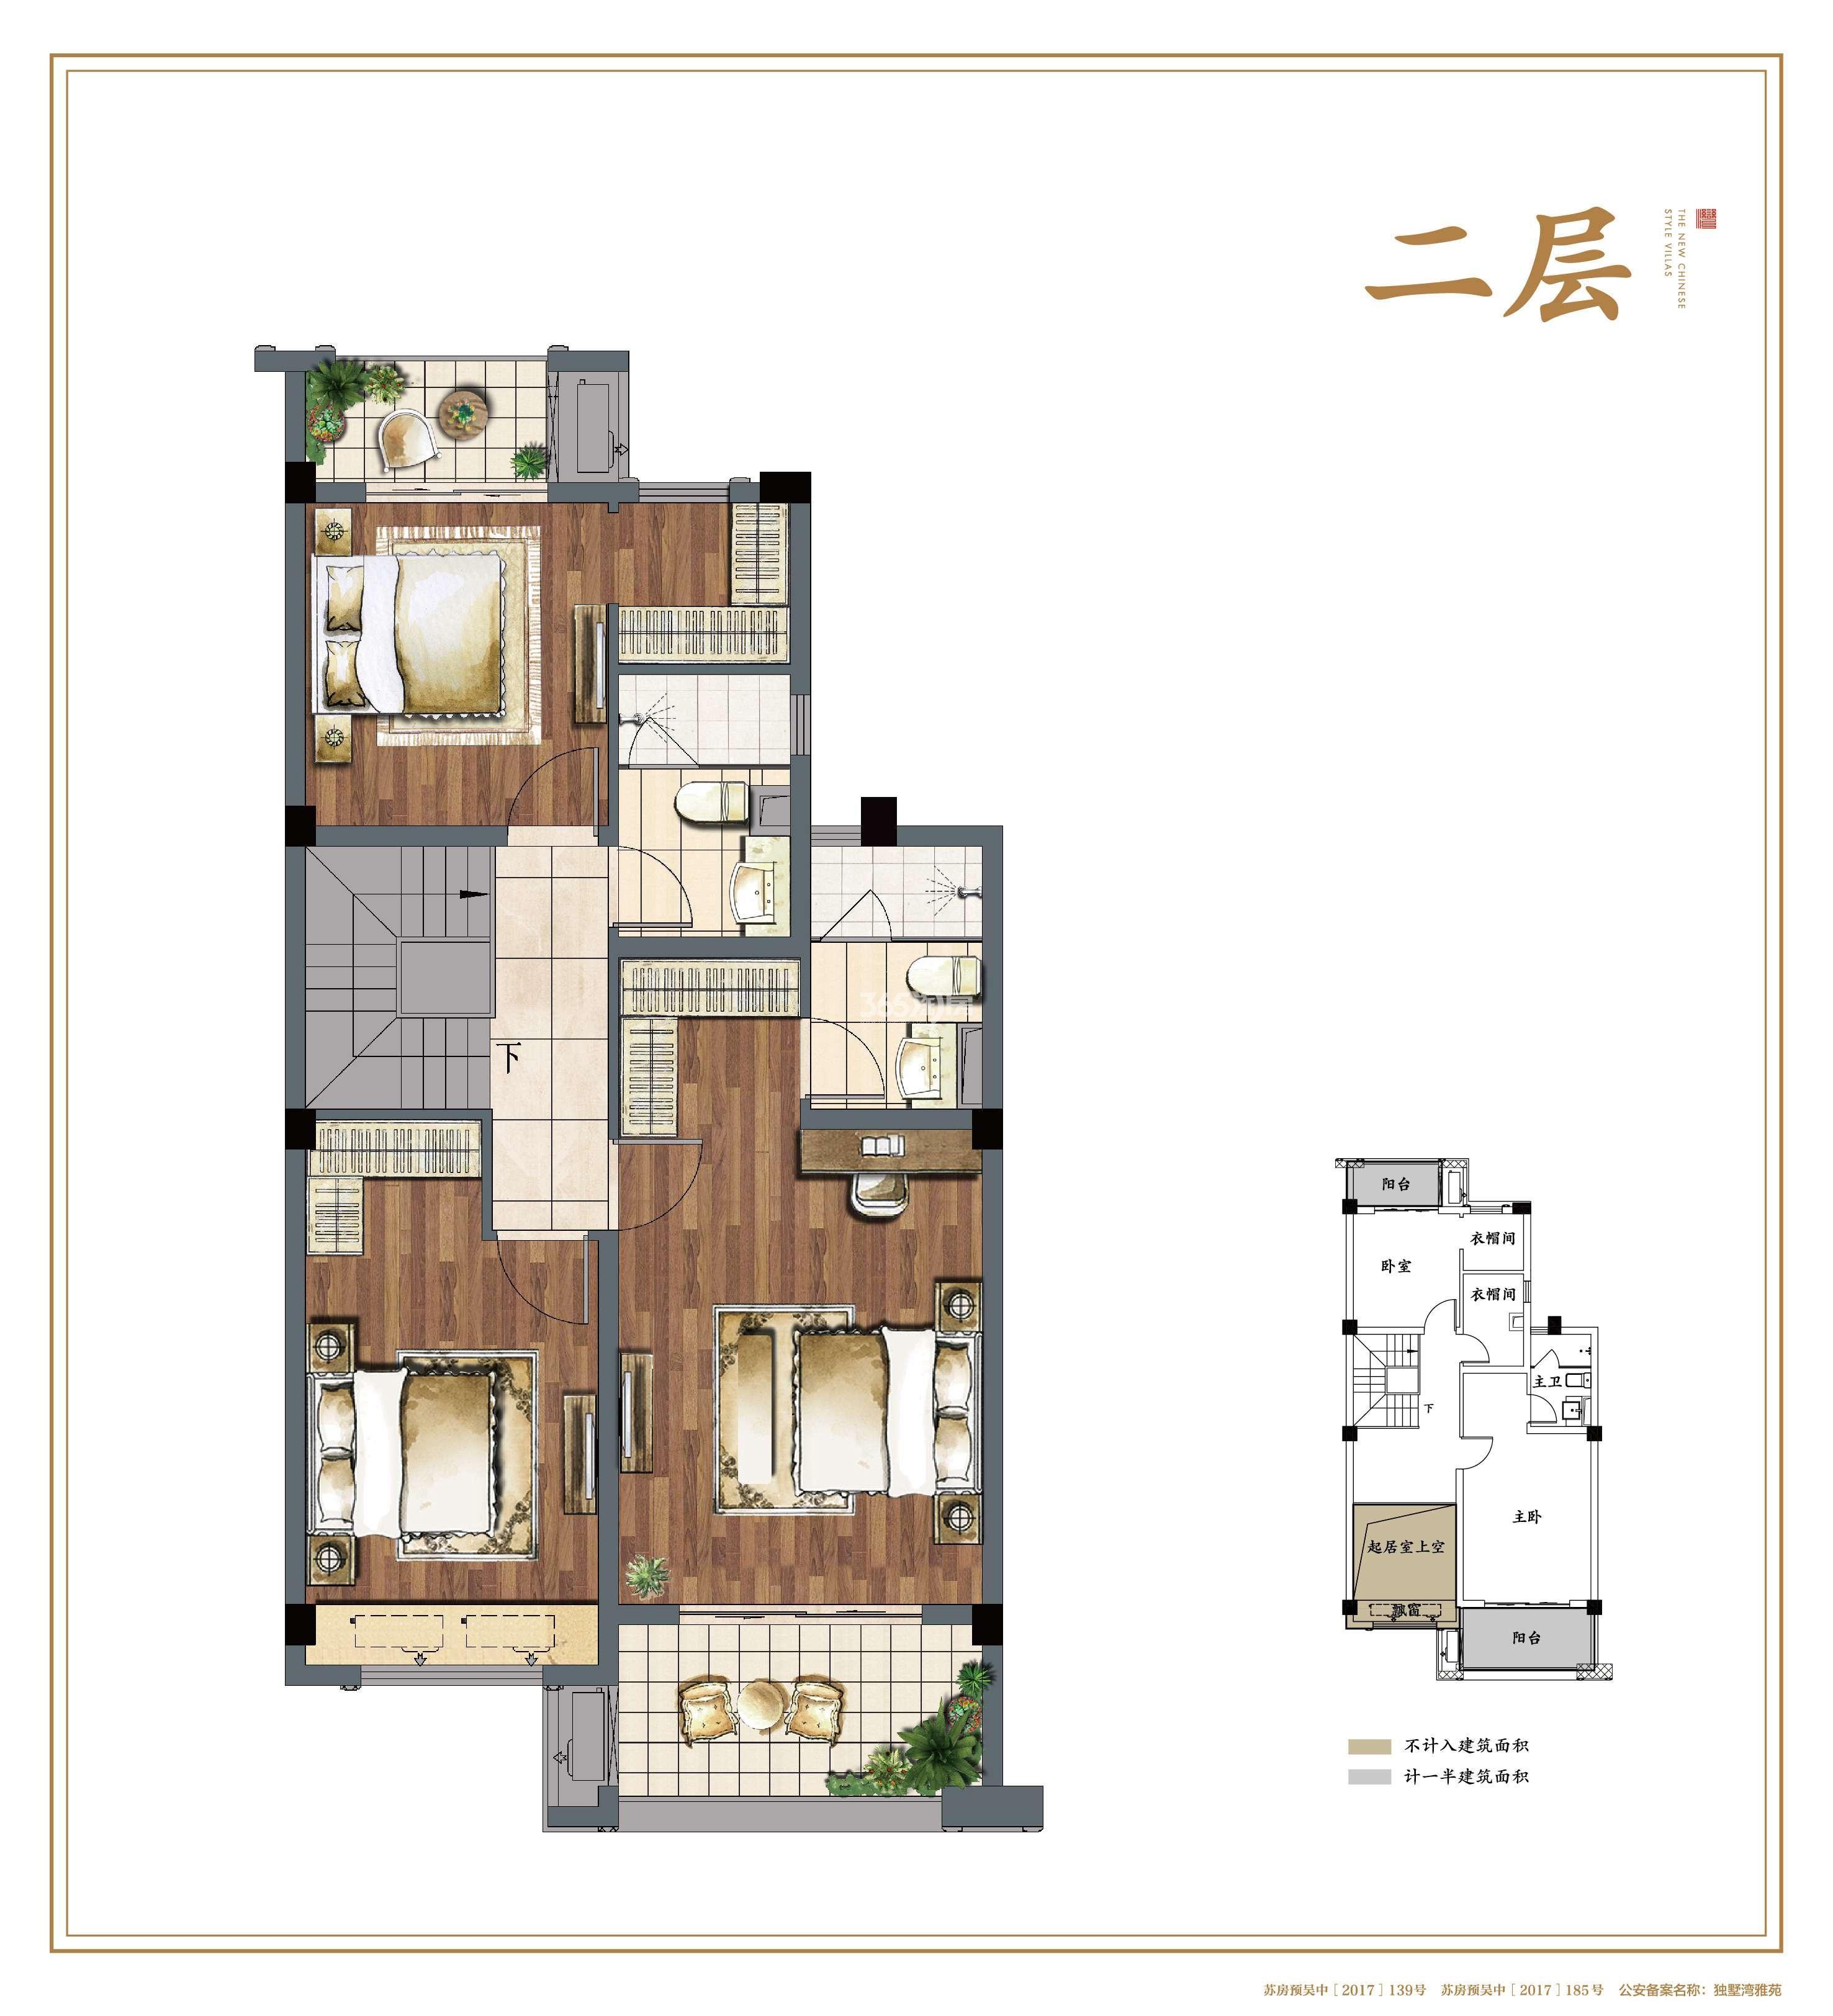 建发独墅湾横厅下叠中间套L(二层)